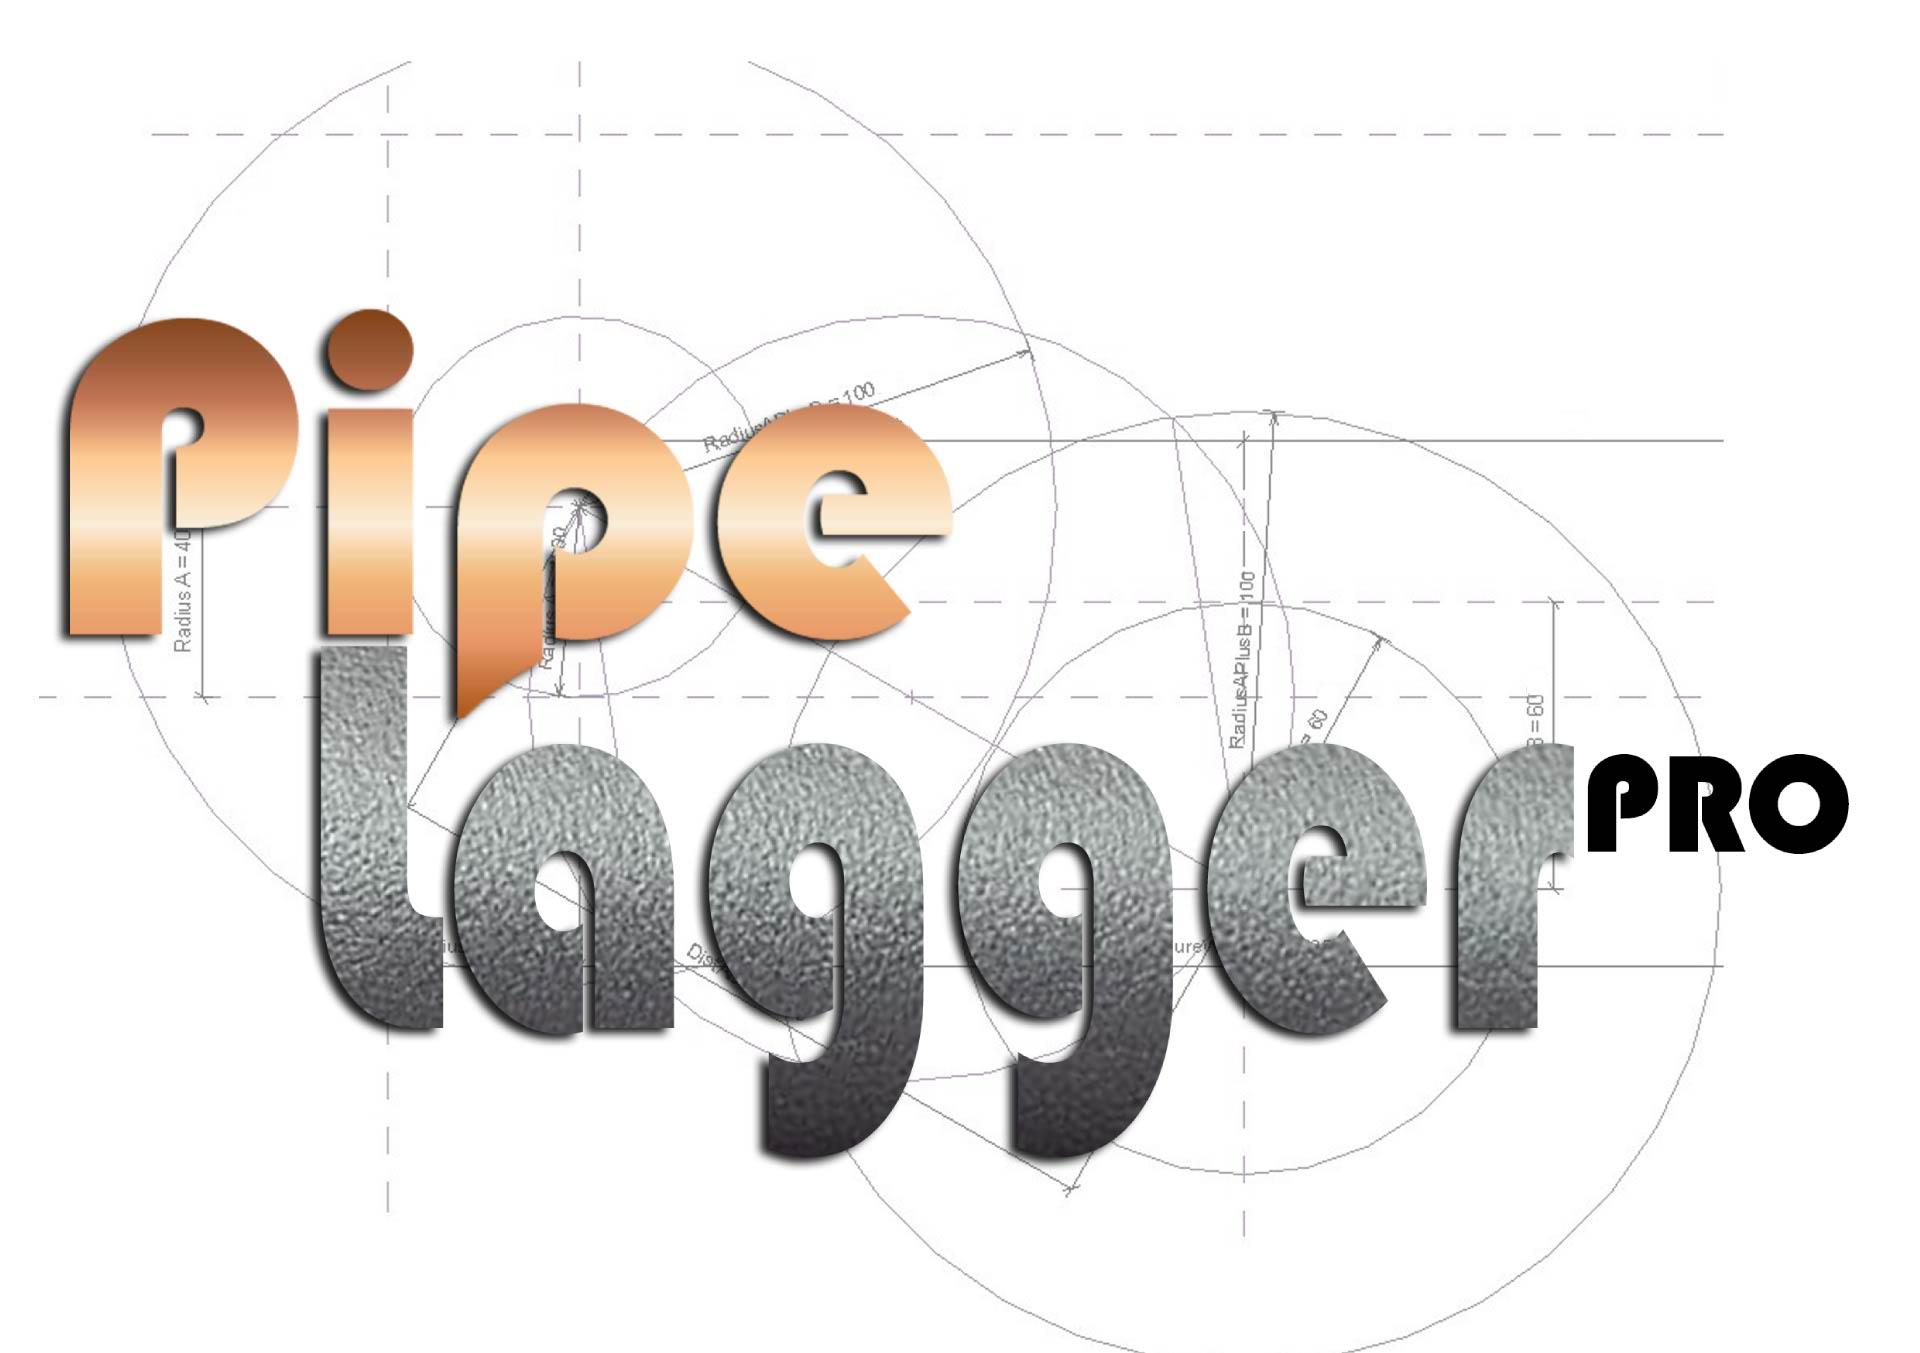 PipeLagger Pro